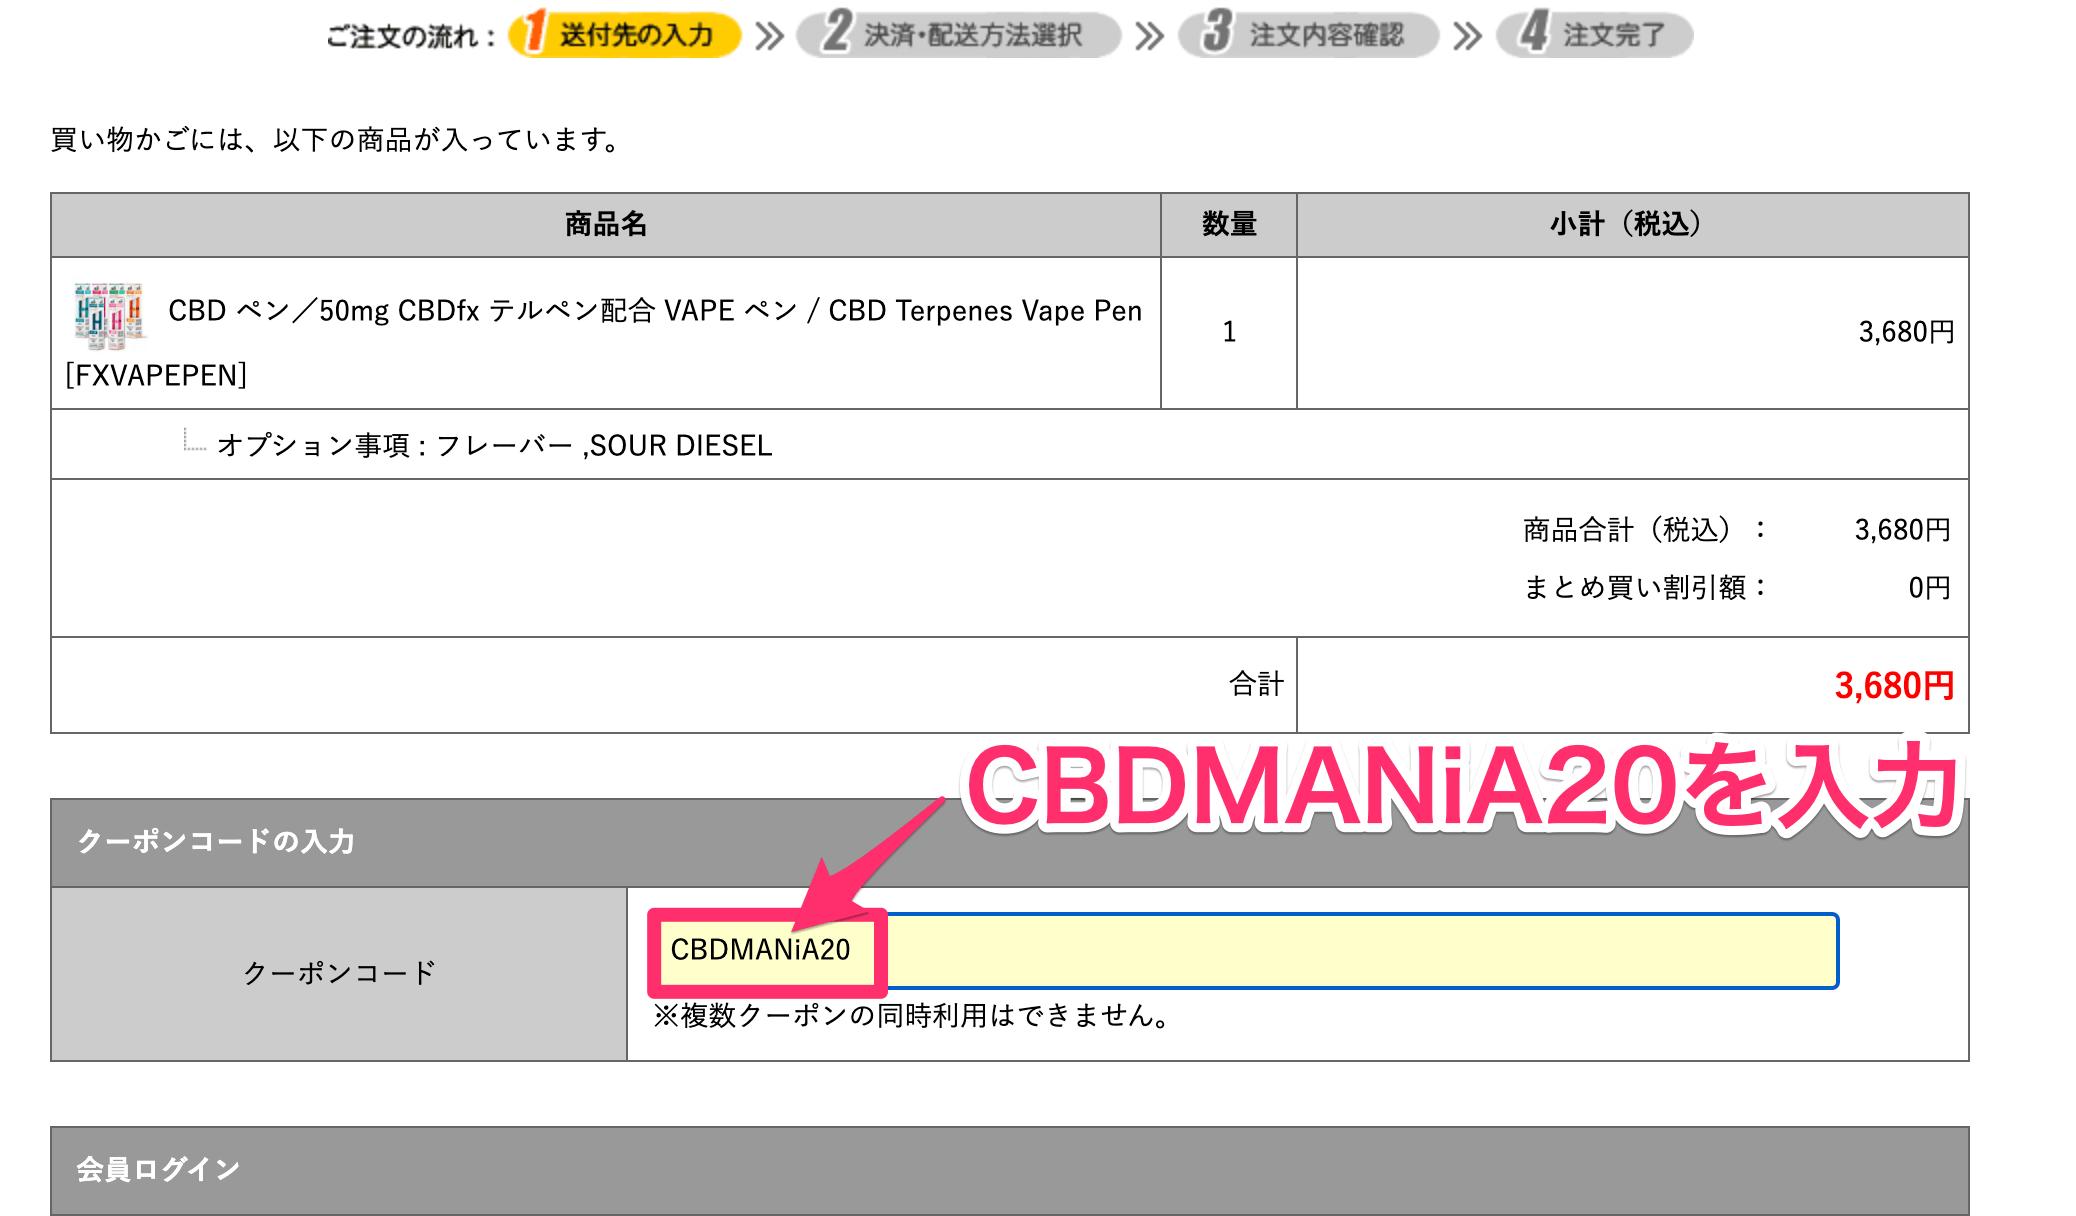 CBDペン クーポンコードの入力